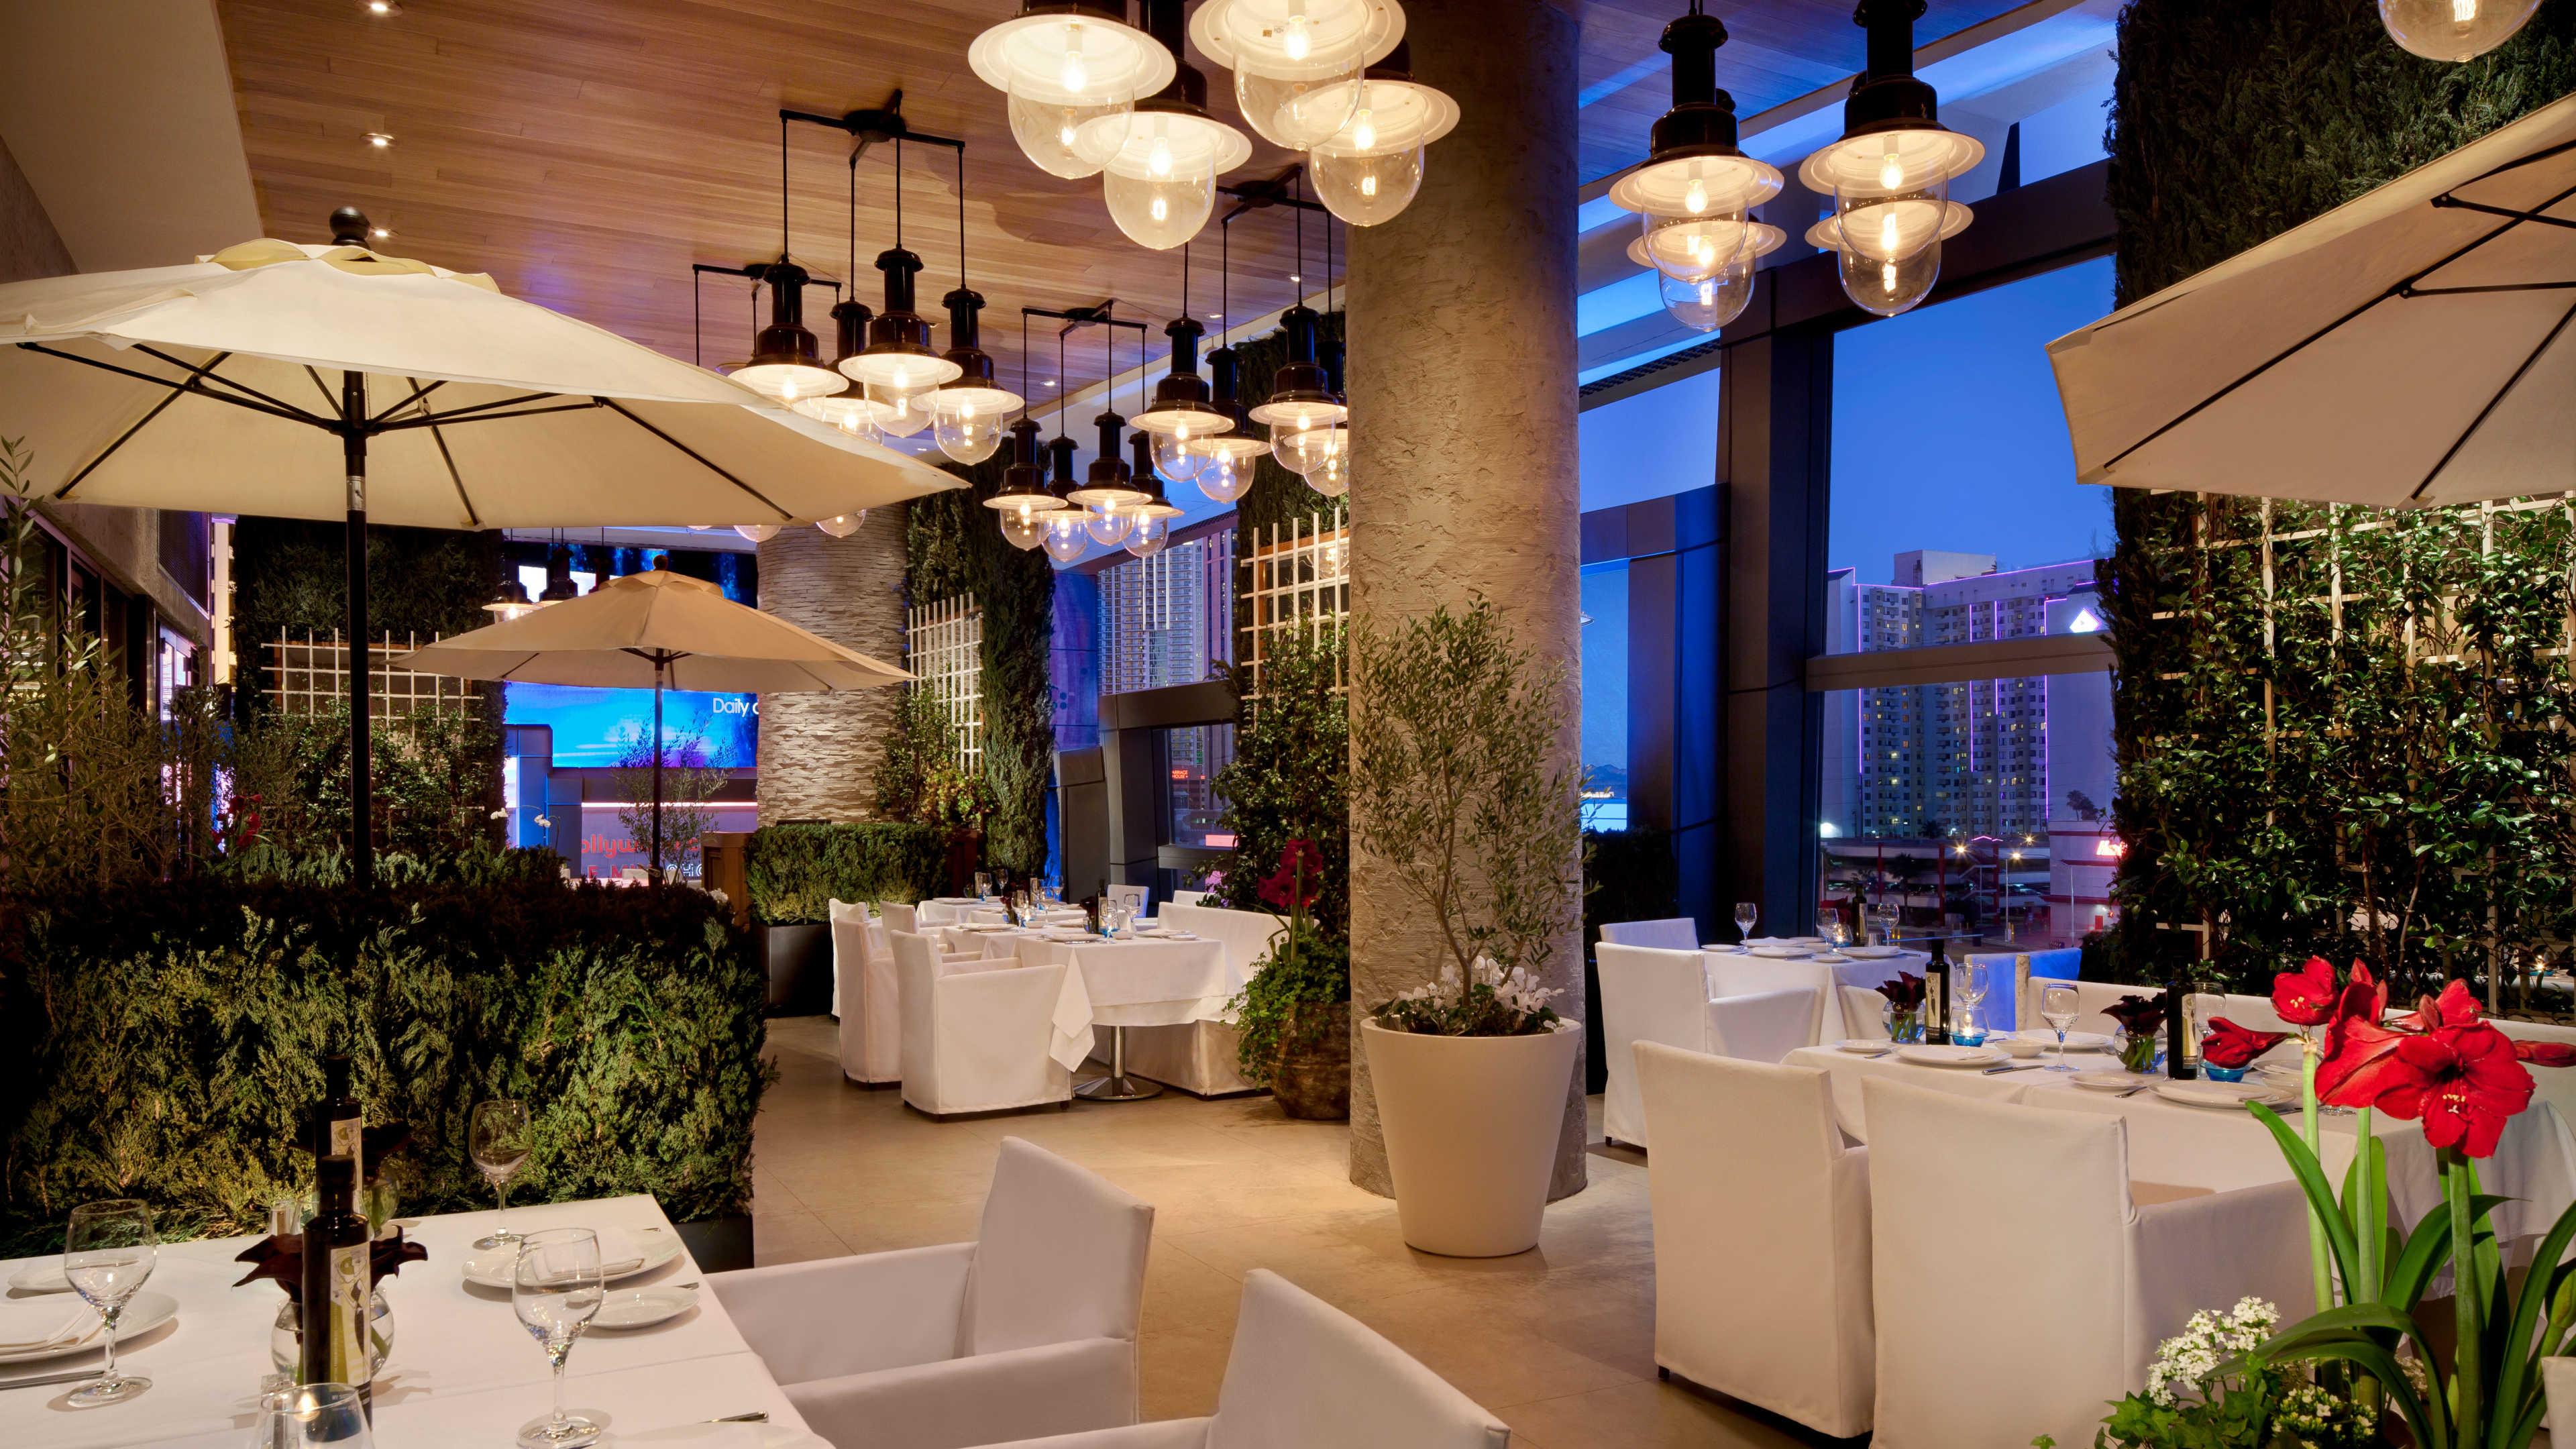 Las Vegas Luxury Hotel Estiatorio Milos The Cosmopolitan